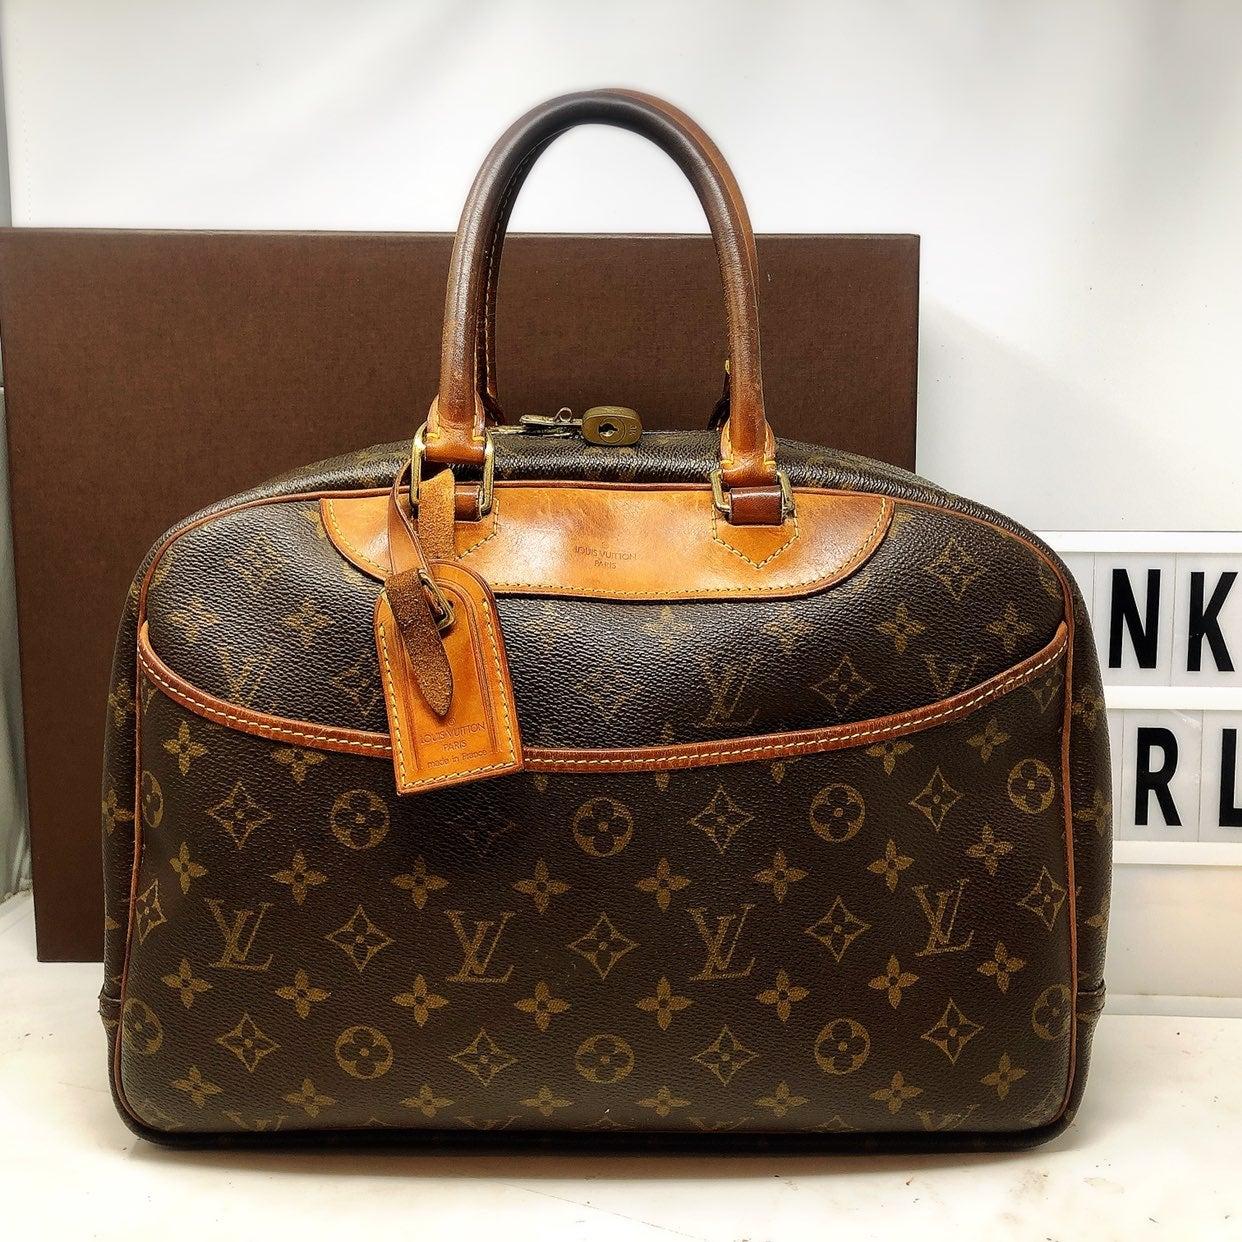 Louis Vuitton Deauville Monogram Bag